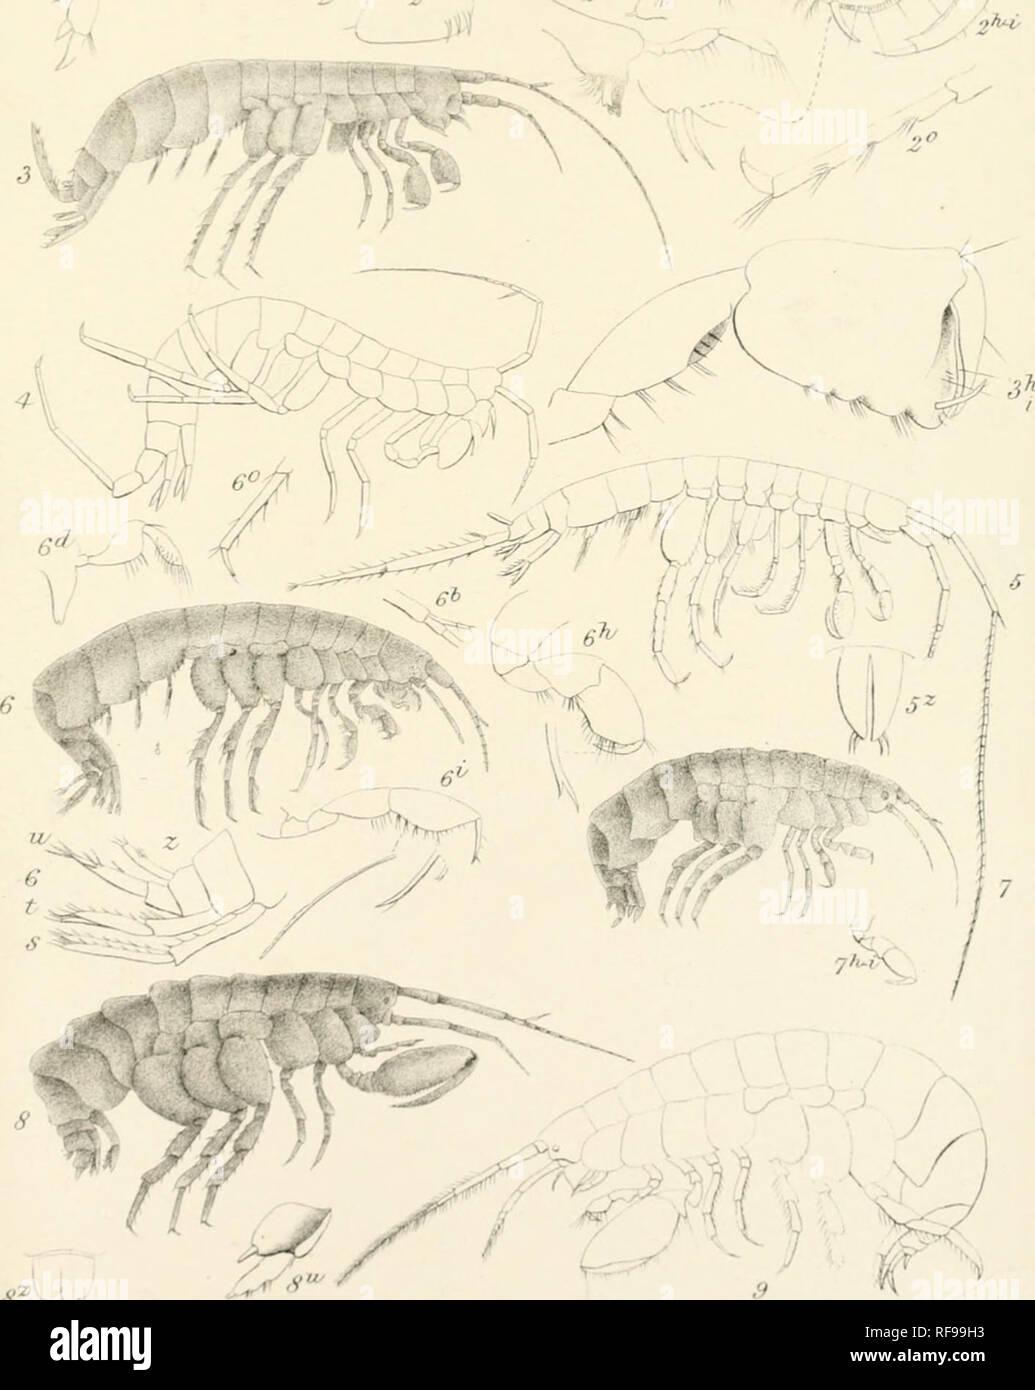 . Catalogue des spécimens d'amphipodous les crustacés dans la collection du British Museum par C. Spence Bate. Amphipodes. I I 1'. Lltfa UtaLCS£.XLB l.^sargtus Niphar-nous. 2.N.fontanus 3.N.kDchiaaus 4.N.puteanus. S.Eriqpis eJongata.. G.CrangCfnyx Sutterraneus. 7 C.Erraanii Gamraai. y.-allii.hrc/icaiulata. 9. 'CrBnisi lieusis.. Veuillez noter que ces images sont extraites de la page numérisée des images qui peuvent avoir été retouchées numériquement pour plus de lisibilité - coloration et l'aspect de ces illustrations ne peut pas parfaitement ressembler à l'œuvre originale.. British Museum (Natural History). Département de zoologie; Banque D'Images